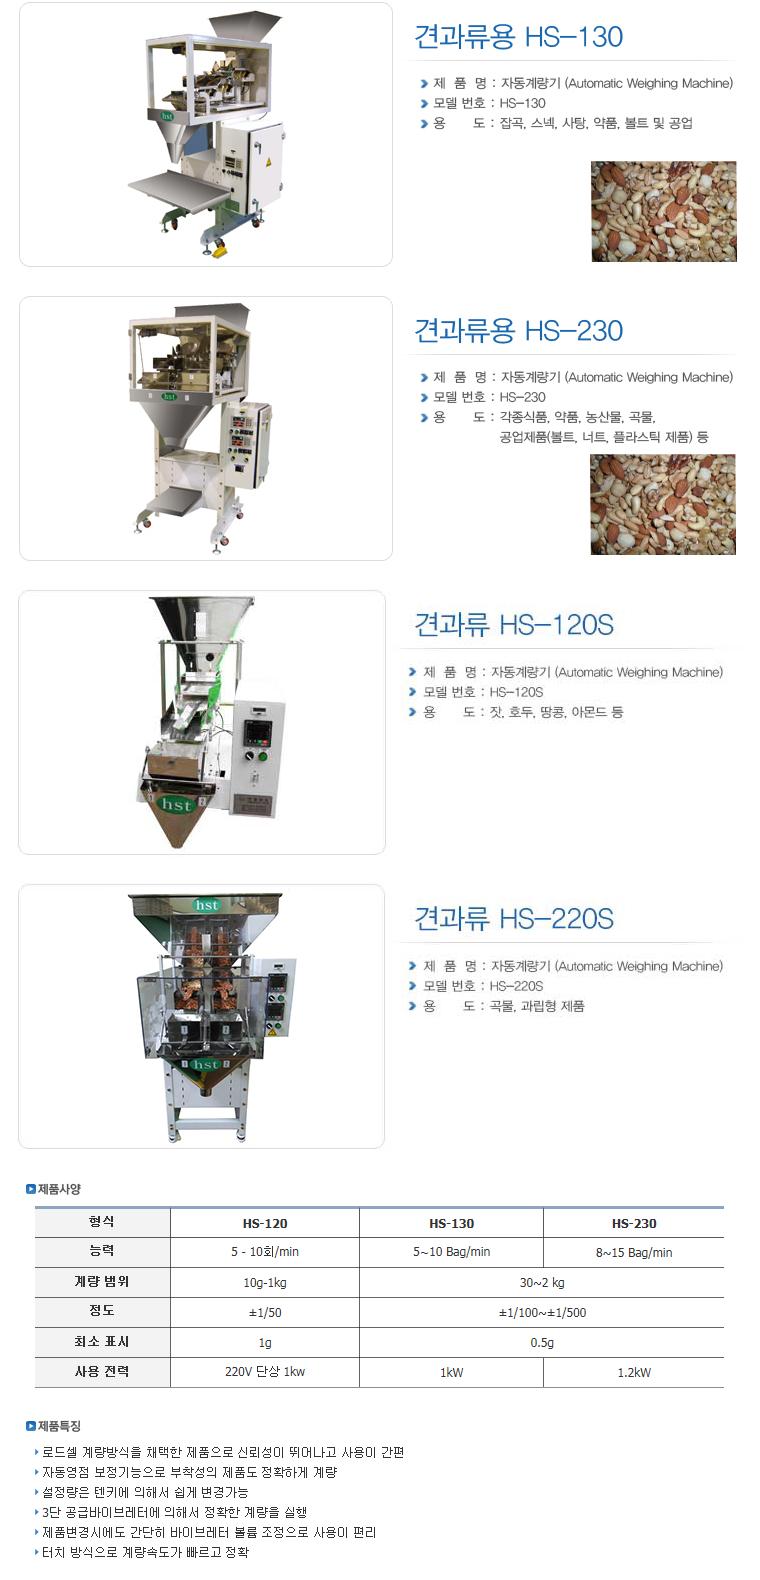 한샘테크 자동계량기 HS-Series 7